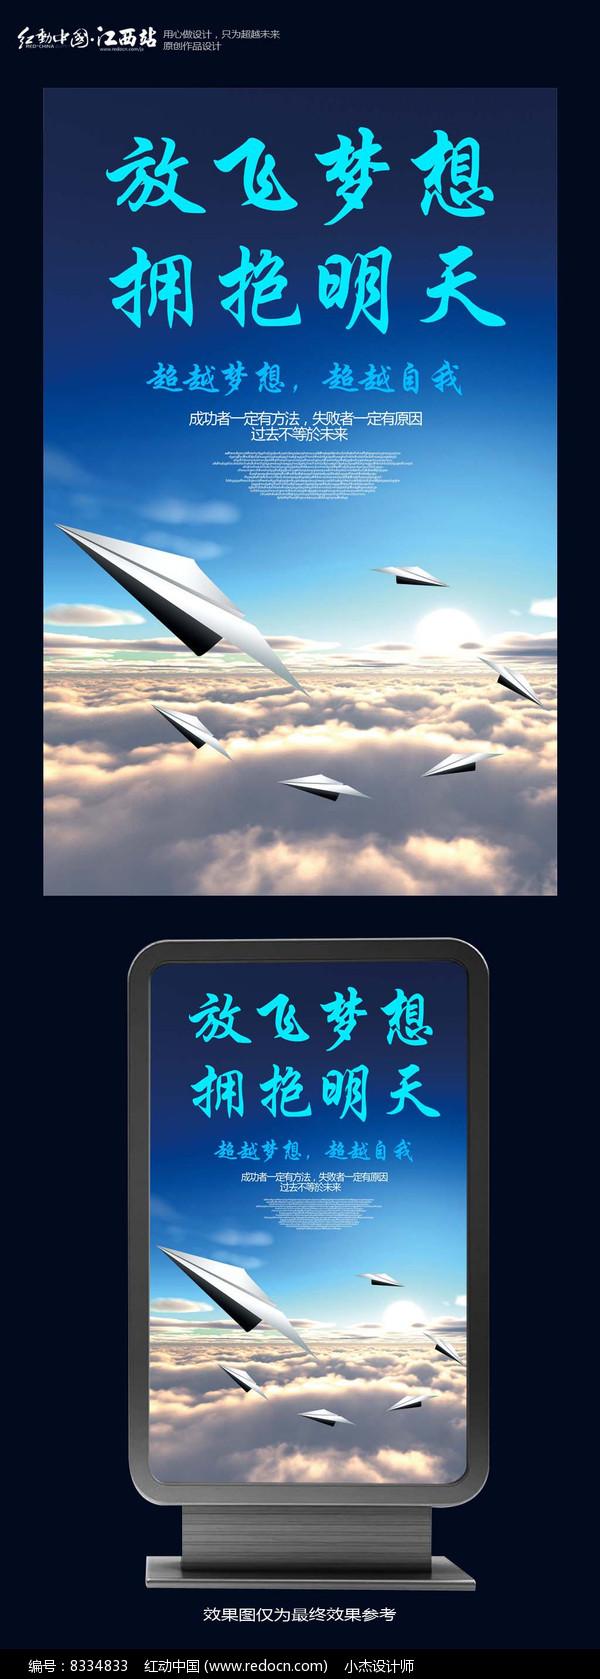 青春放飞梦想励志宣传海报图片